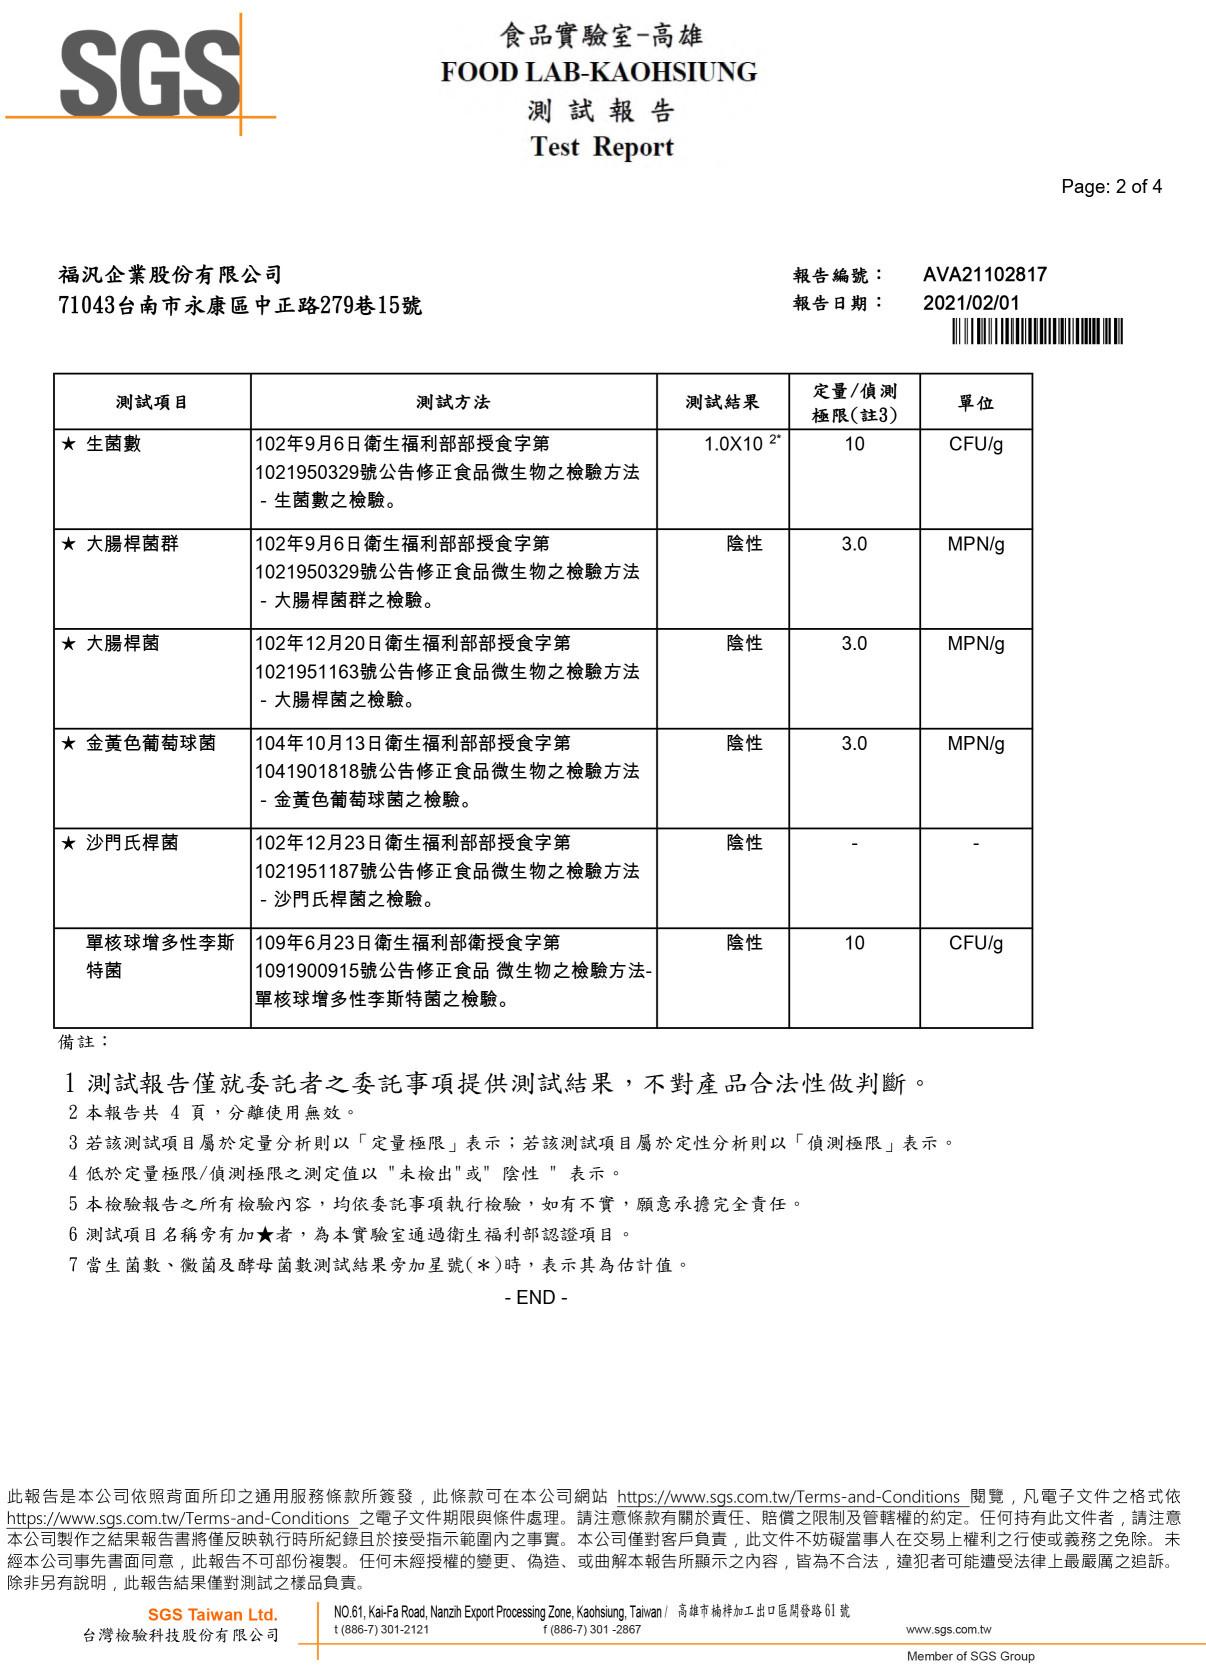 福汎花生醬 檢驗報告